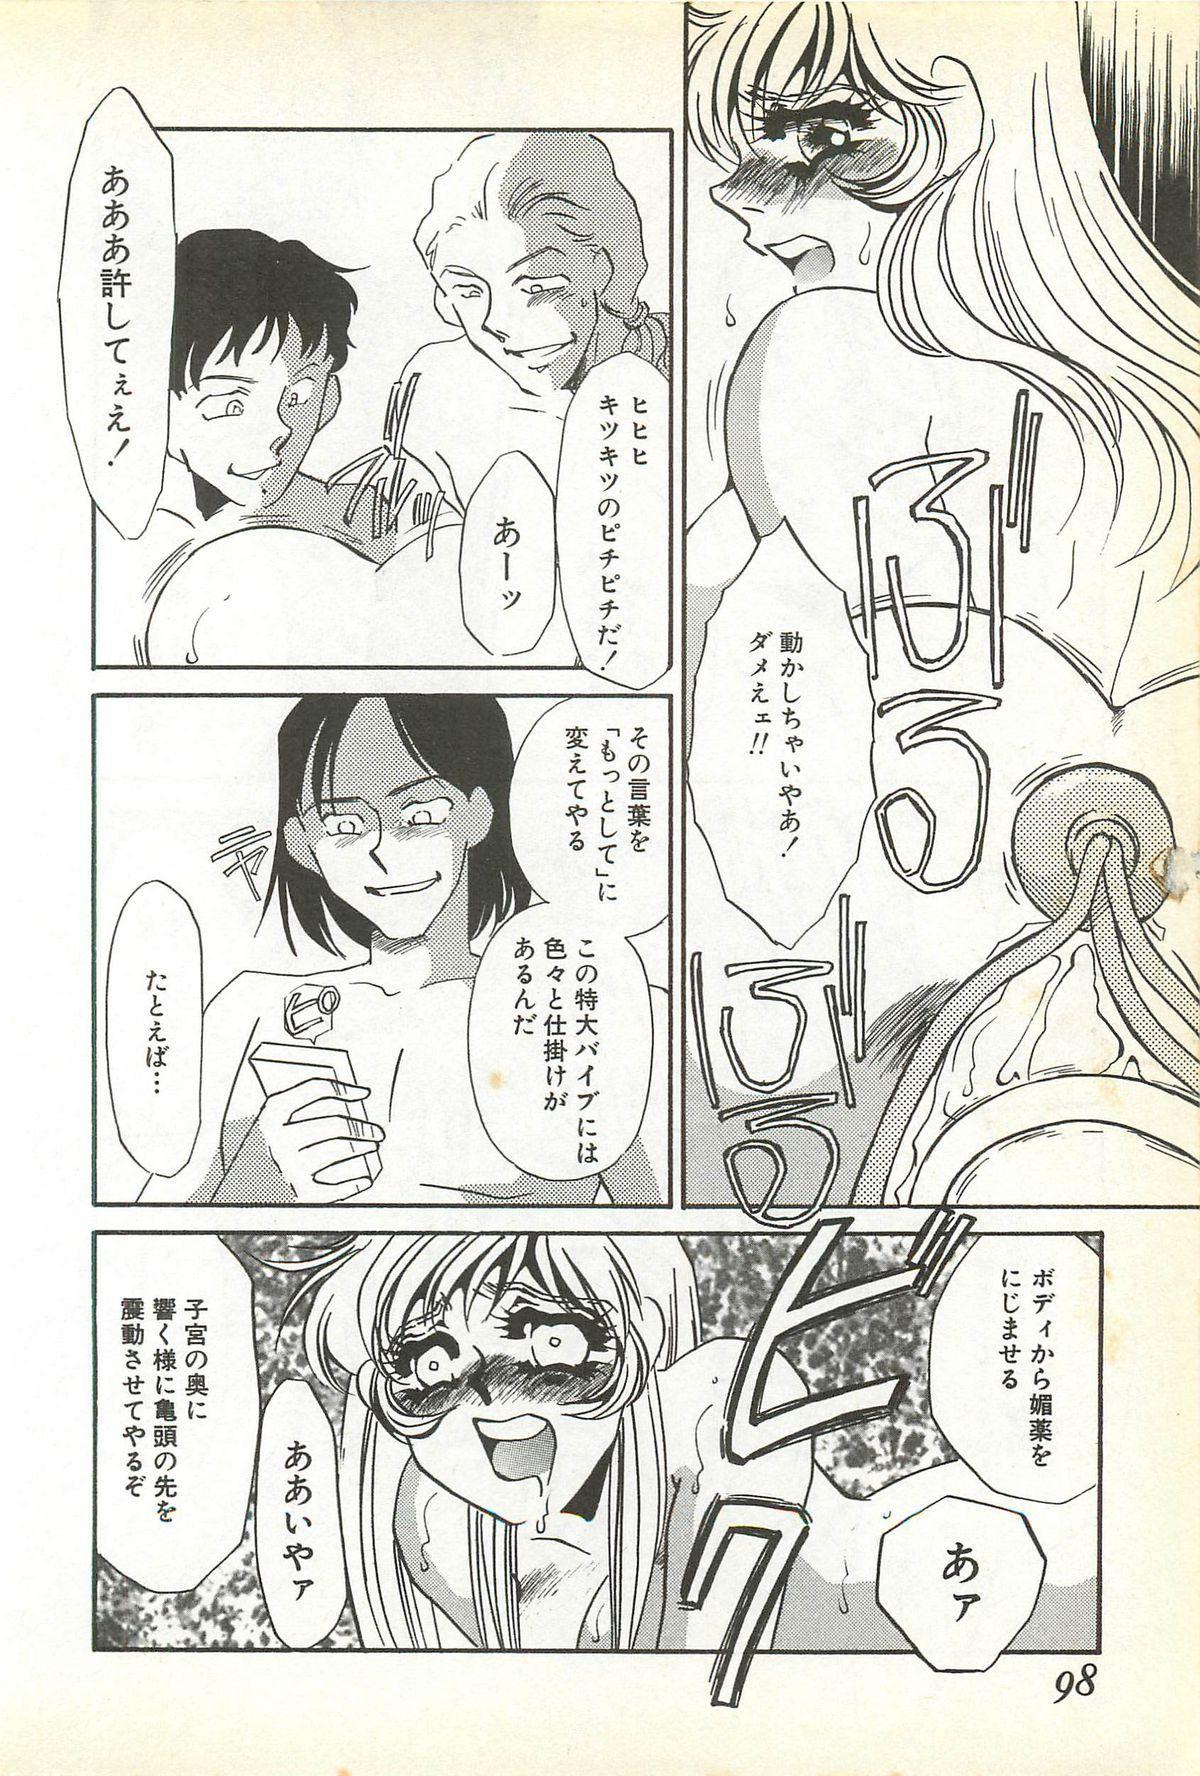 Chigyaku no Heya - A Shameful Punishment Room 93